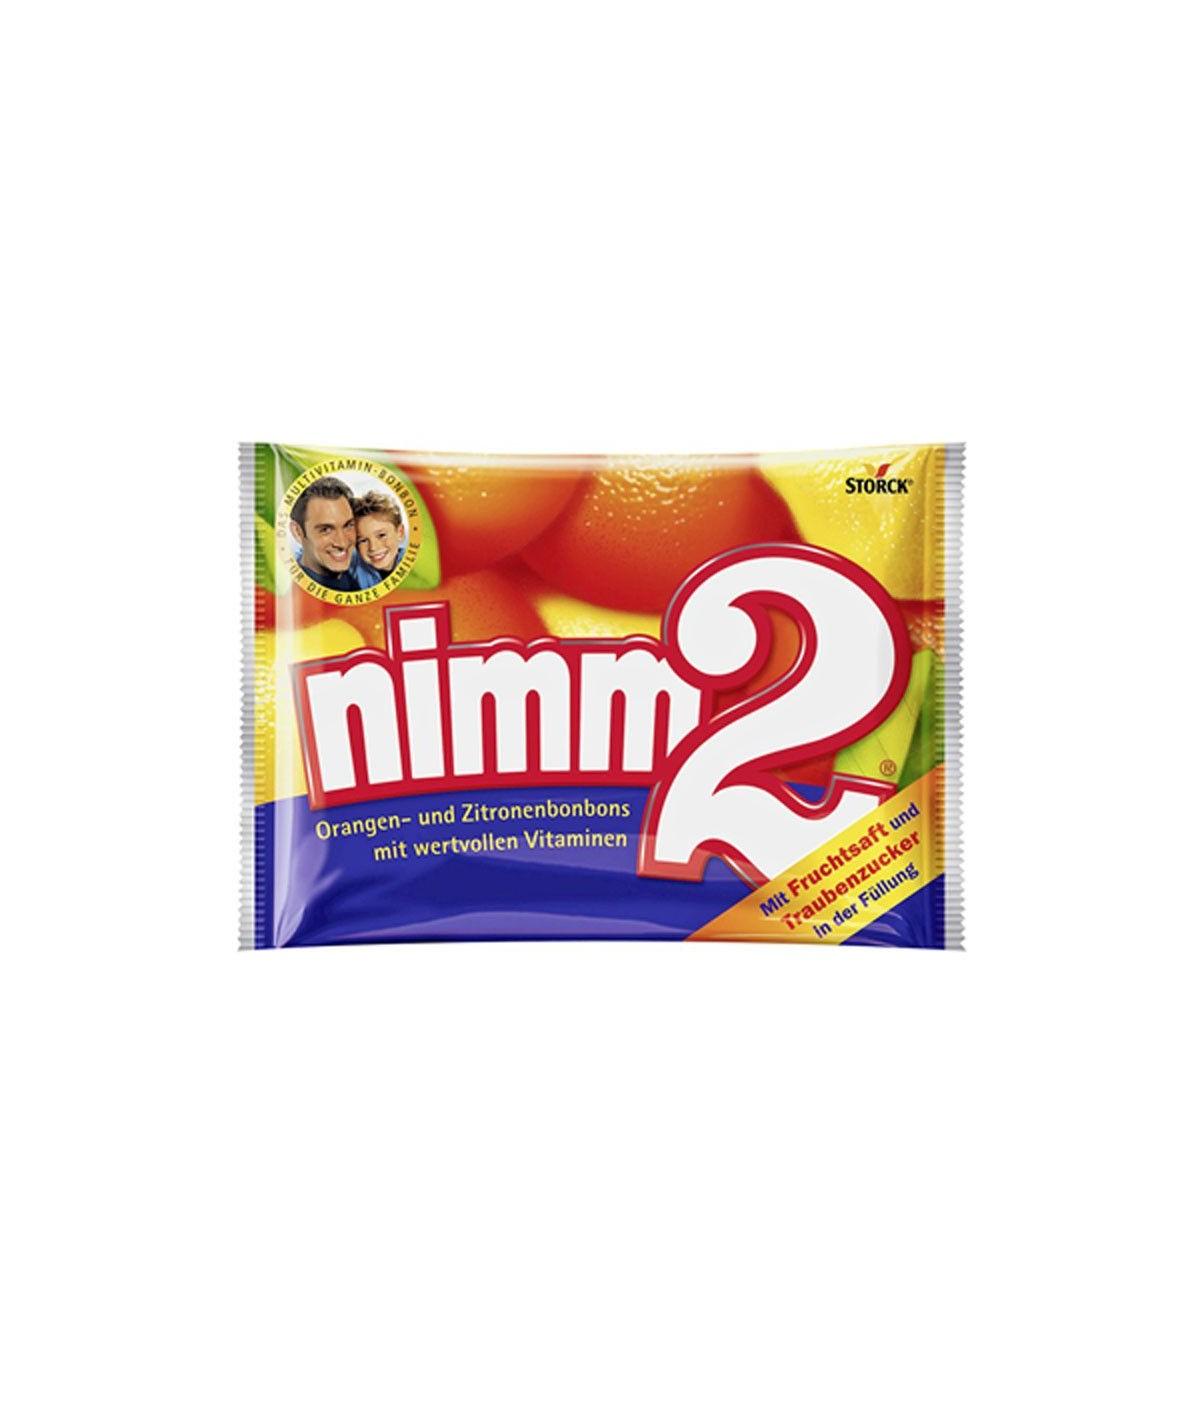 Nimm 2 Fruchtbonbons 145g